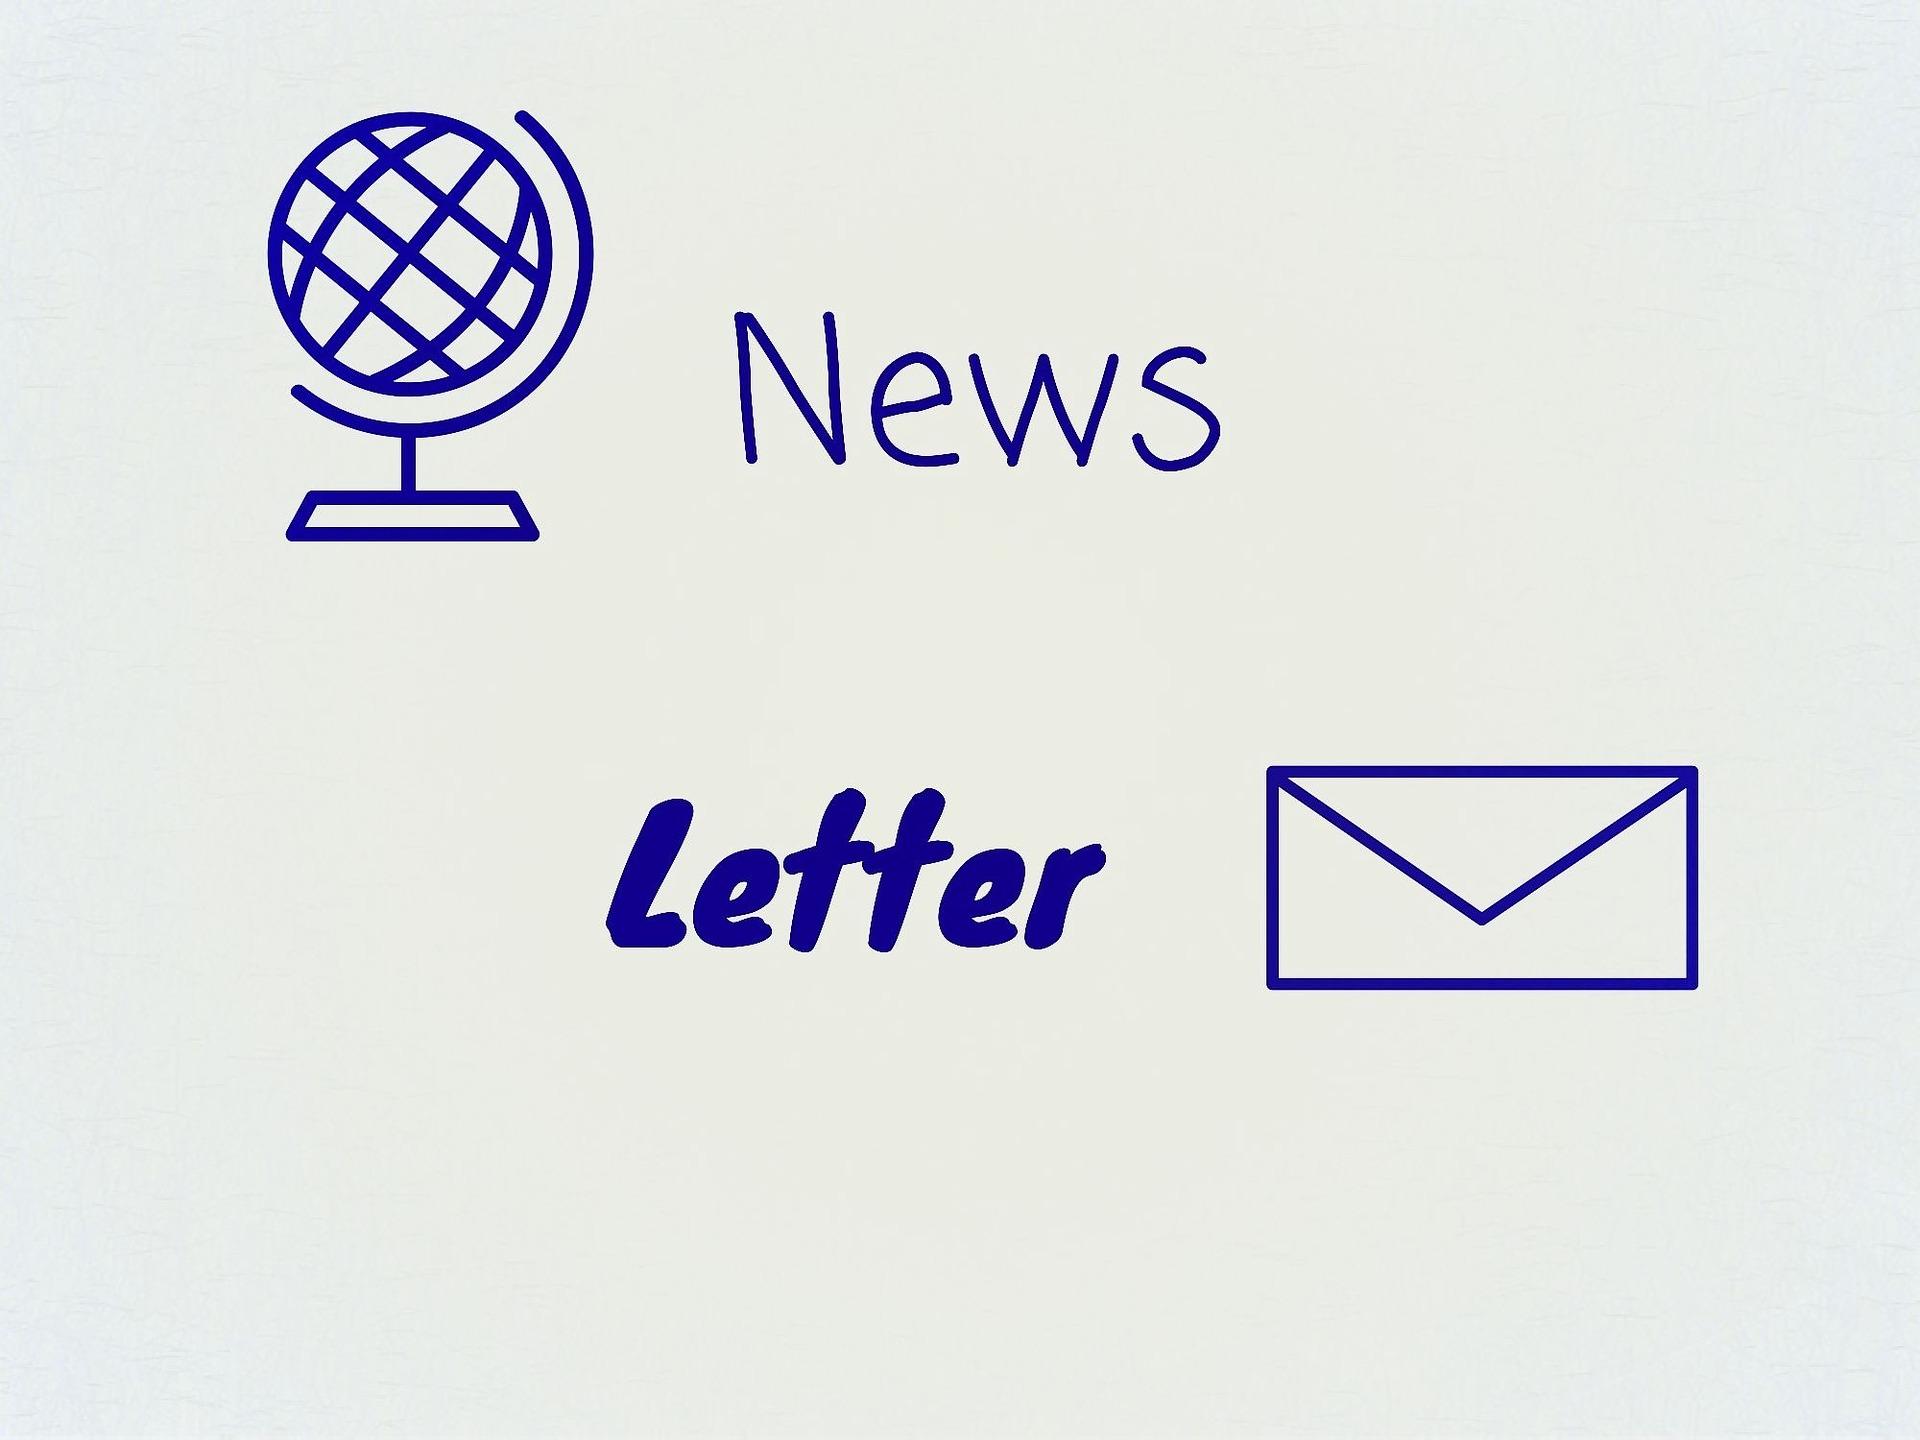 les newsletters - pour quoi faire